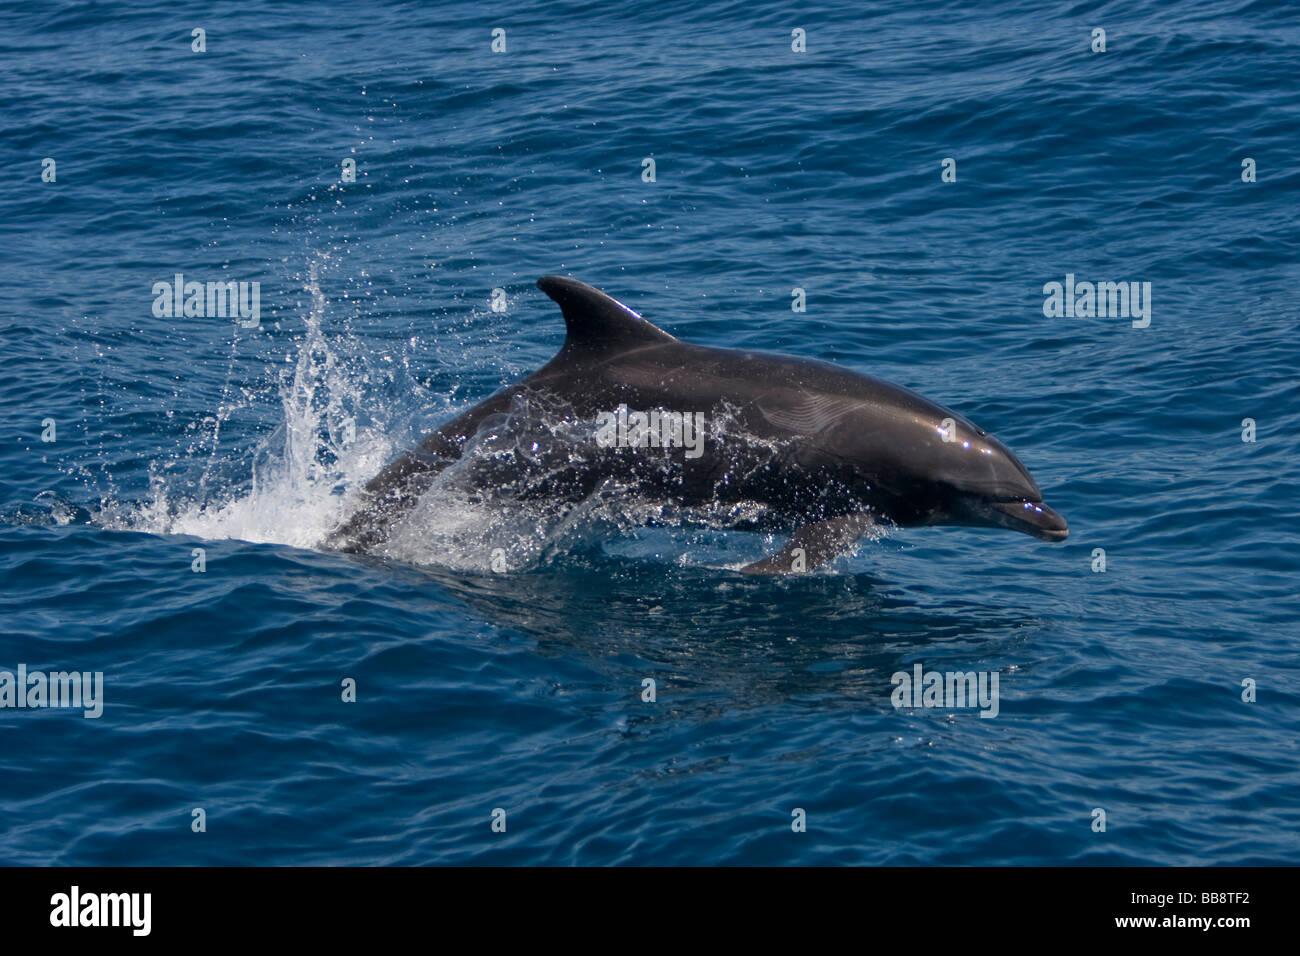 Bottlenose Dolphin tursiops truncatus Großer Tümmler leaping Sea of Cortez Baja California Mexiko - Stock Image